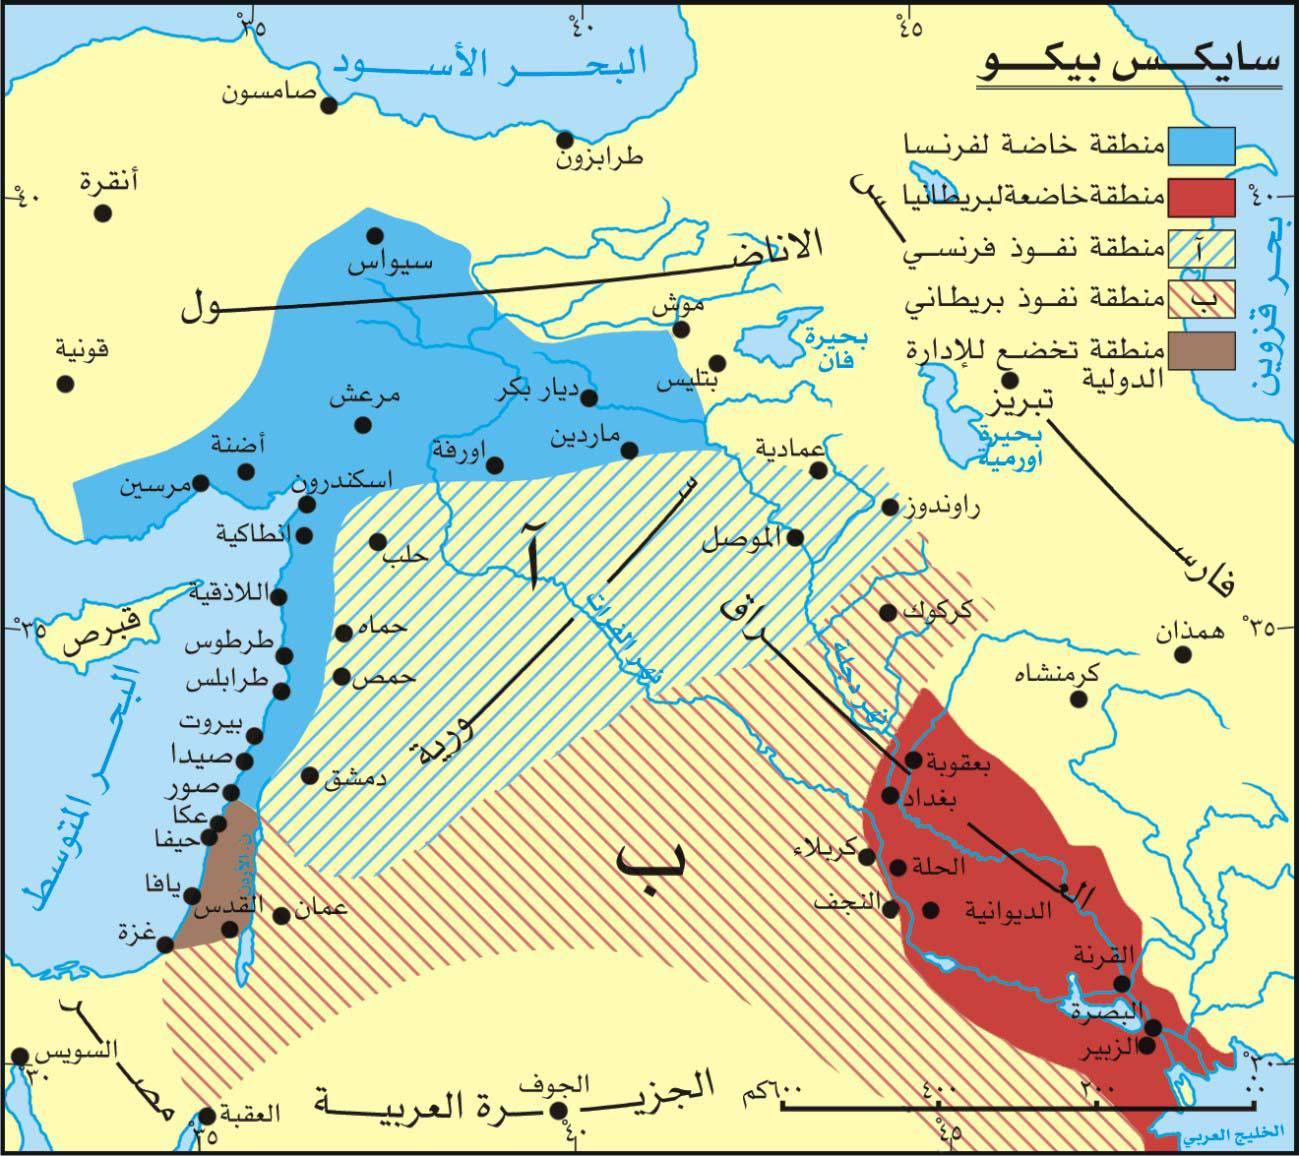 بداية التقسيم من هنا 1916 تاريخ ضياع فلسطين اعرف القصة اليوم